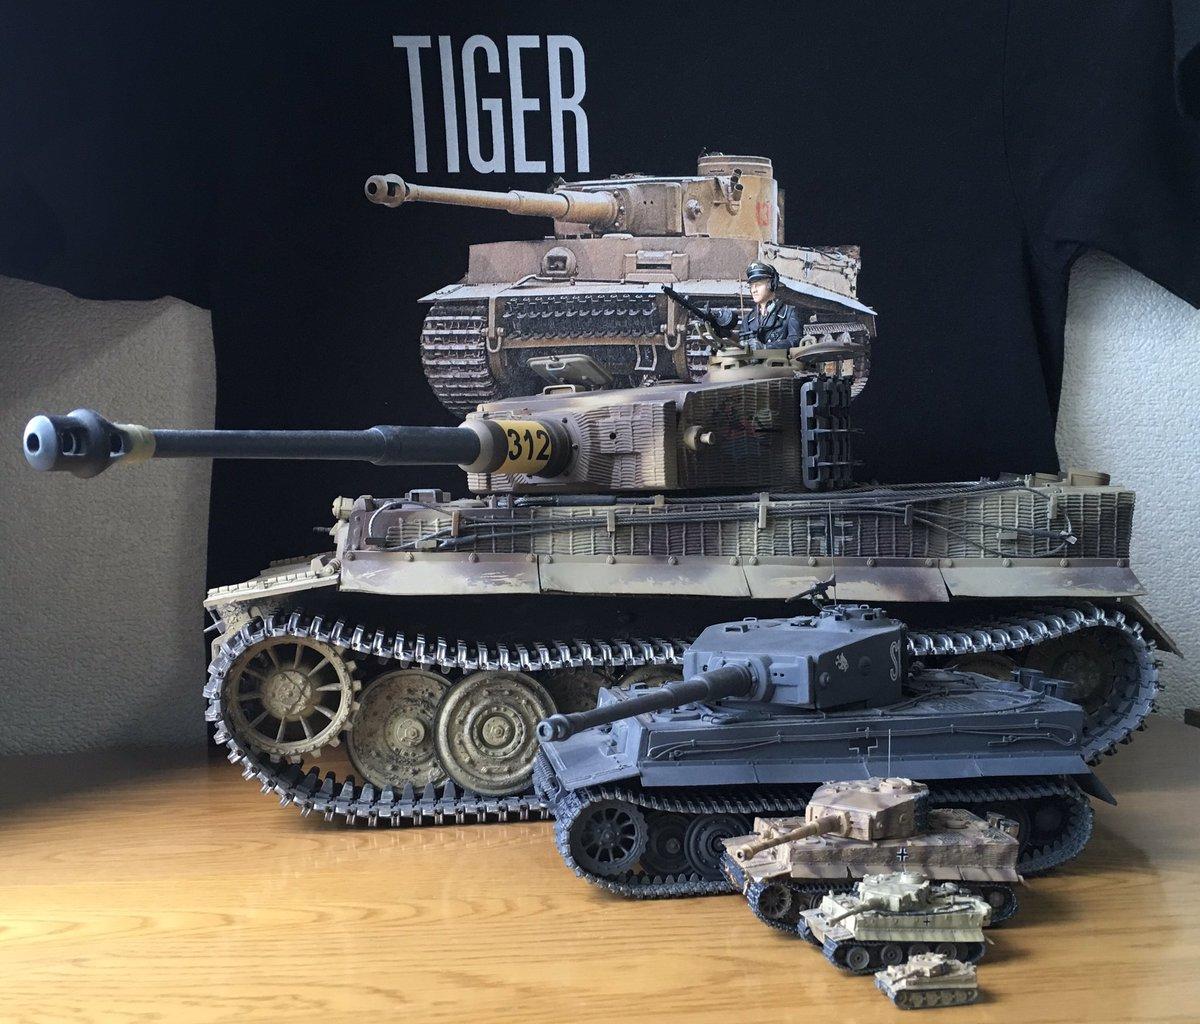 tigertiger.jpg